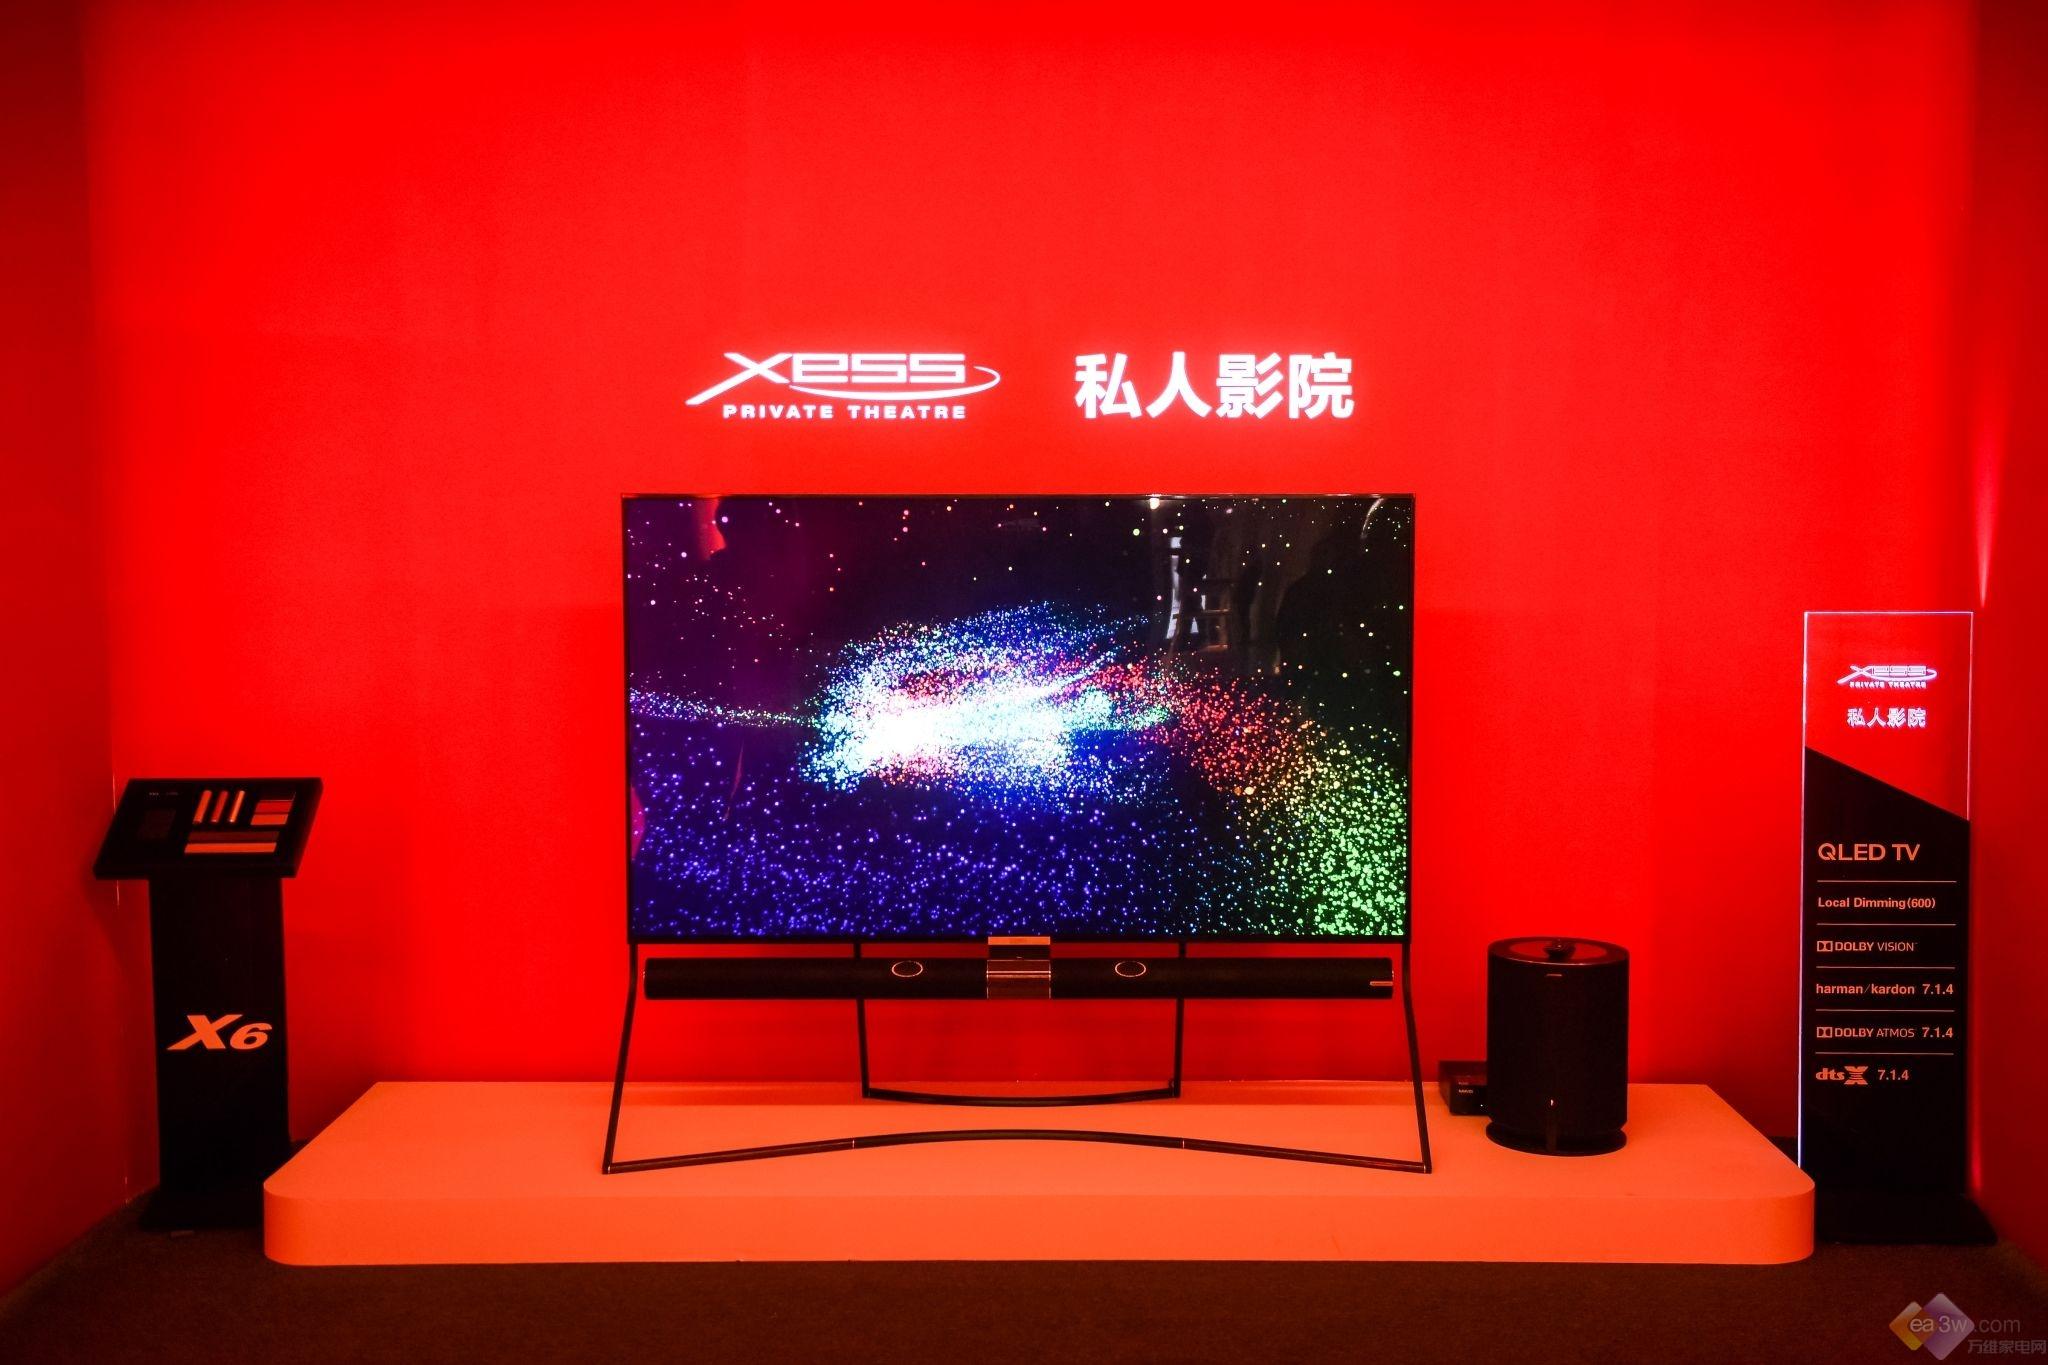 极致奢华之美,TCL X6 XESS私人影院再次闪耀AWE2018